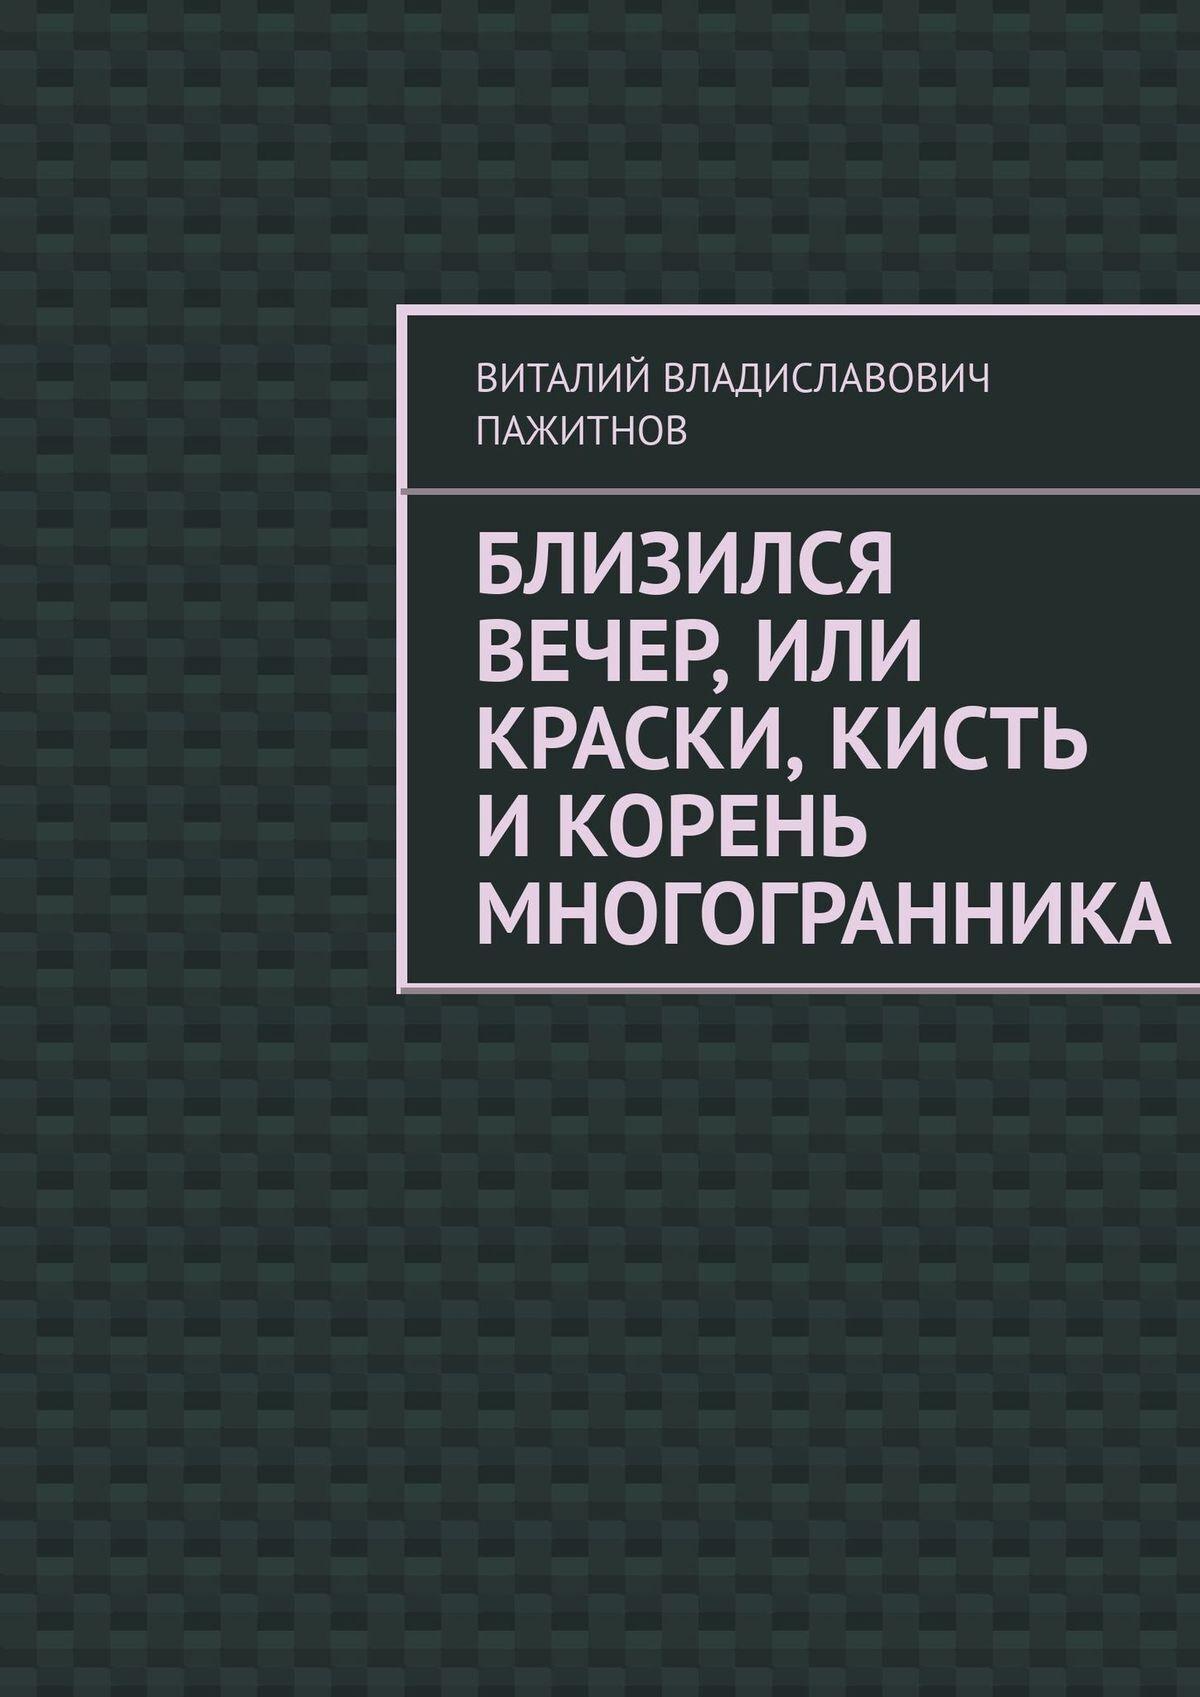 все цены на Виталий Владиславович Пажитнов Близился вечер, или Краски, кисть икорень многогранника онлайн